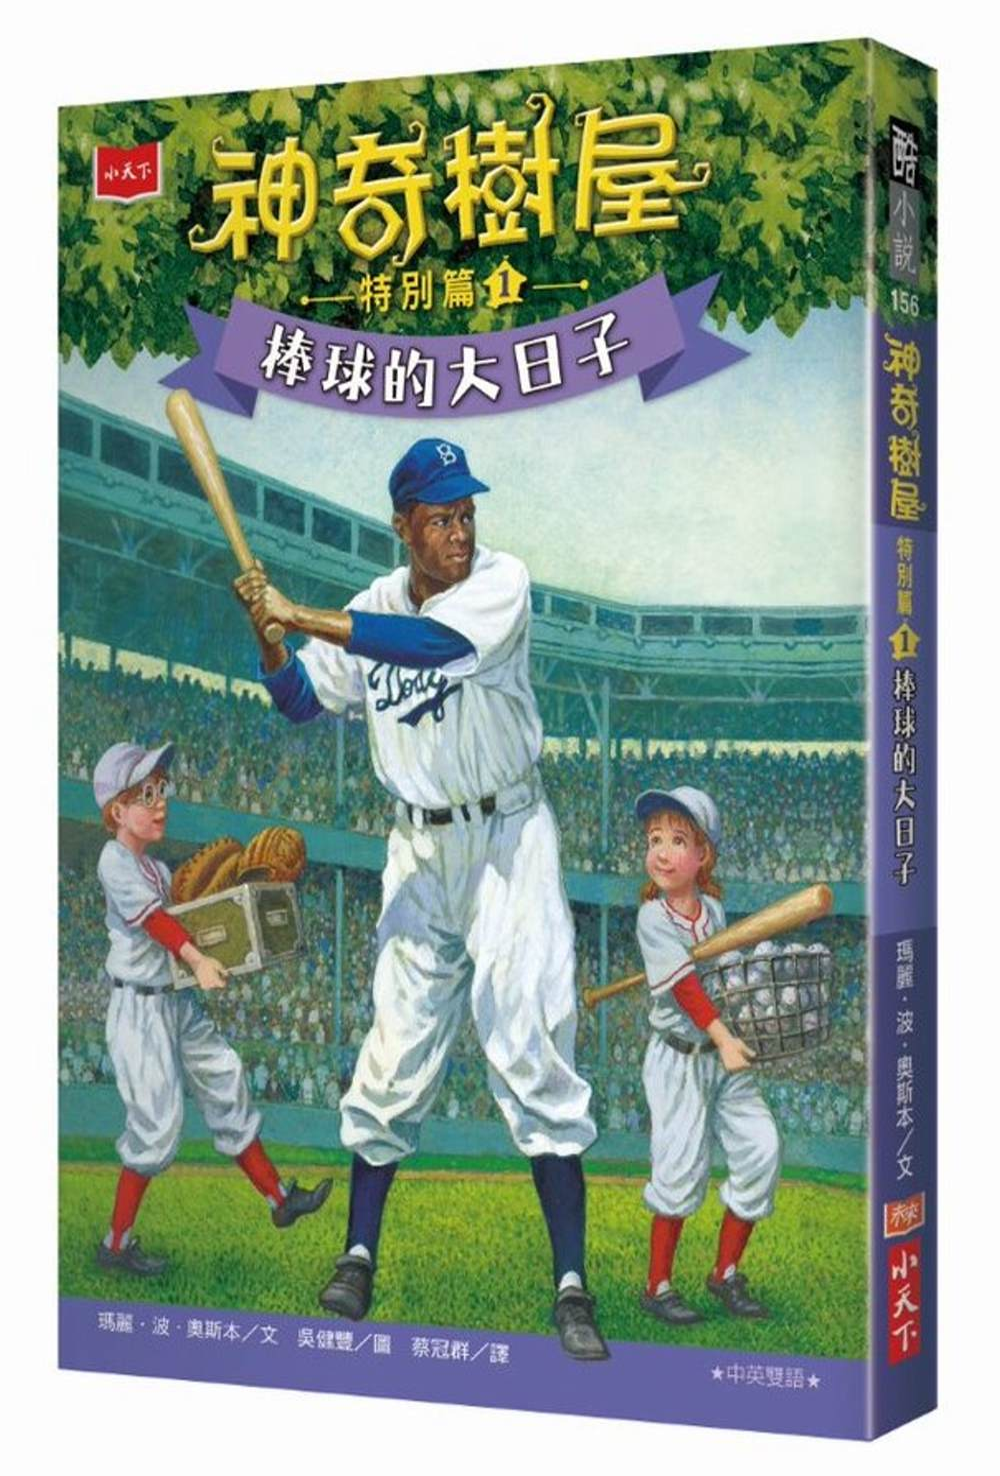 神奇樹屋特別篇1:棒球的大日子...